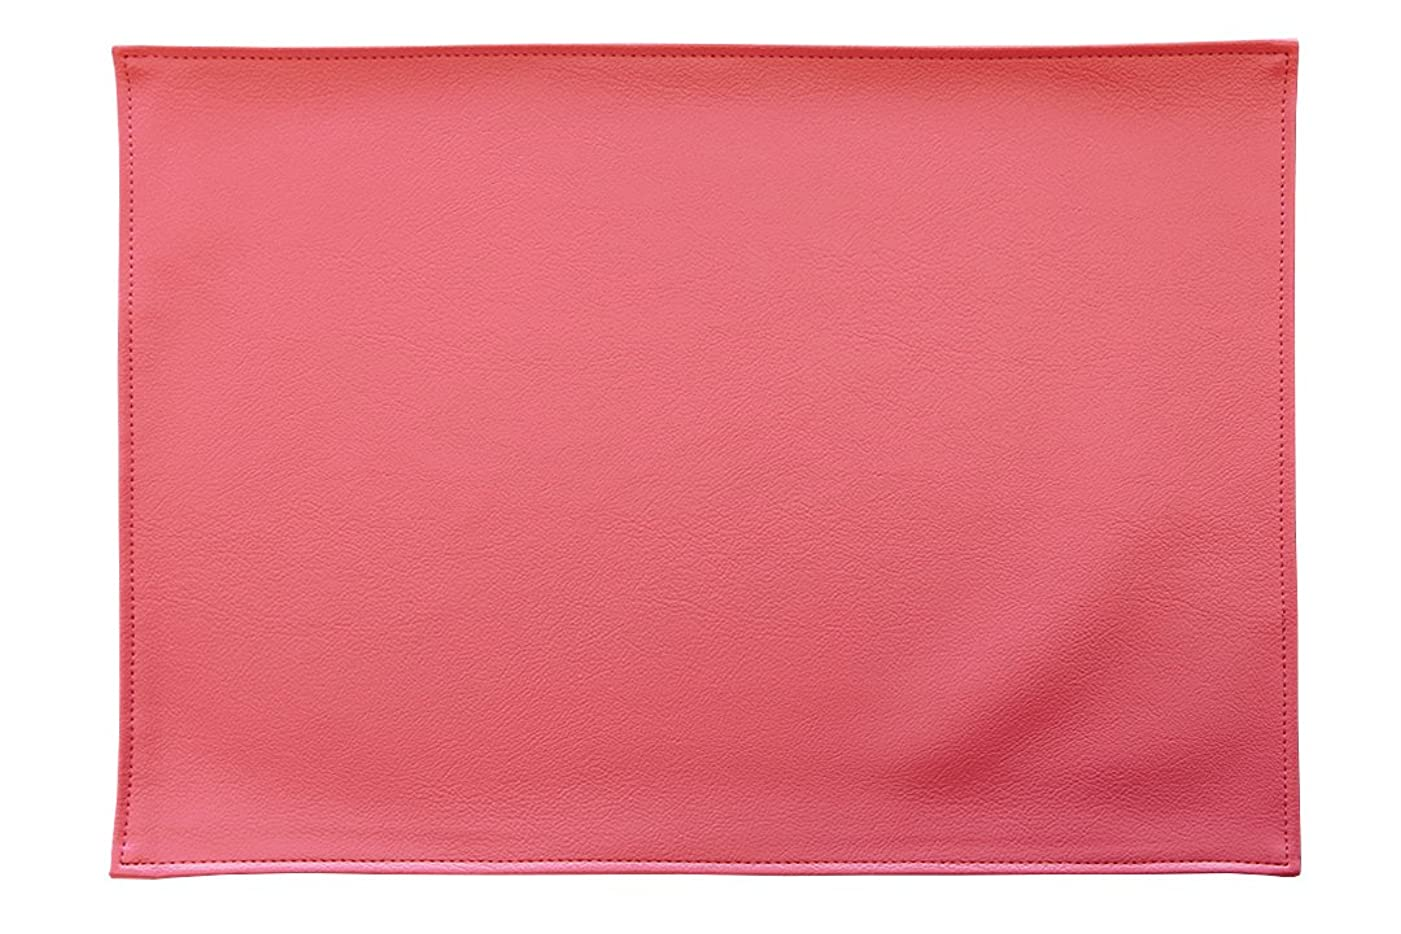 スズメバチオリエント極めて重要なTEES FACTORY 国産 PVC レザー ランチョン プレース マット LEKKU ピンク